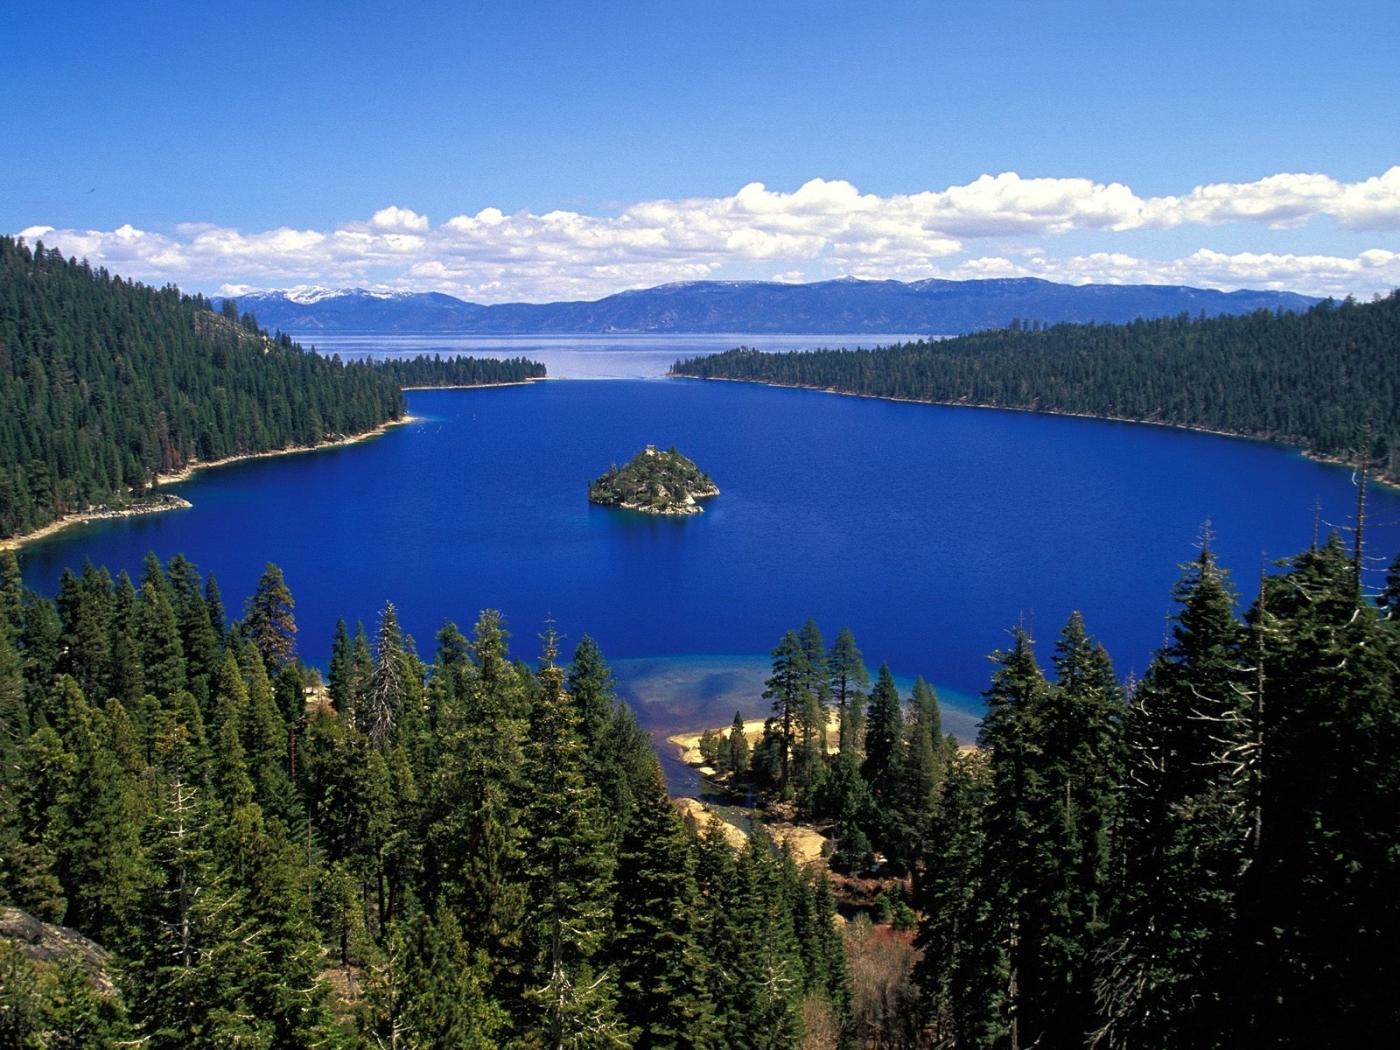 26151 скачать обои Пейзаж, Деревья, Облака, Озера - заставки и картинки бесплатно